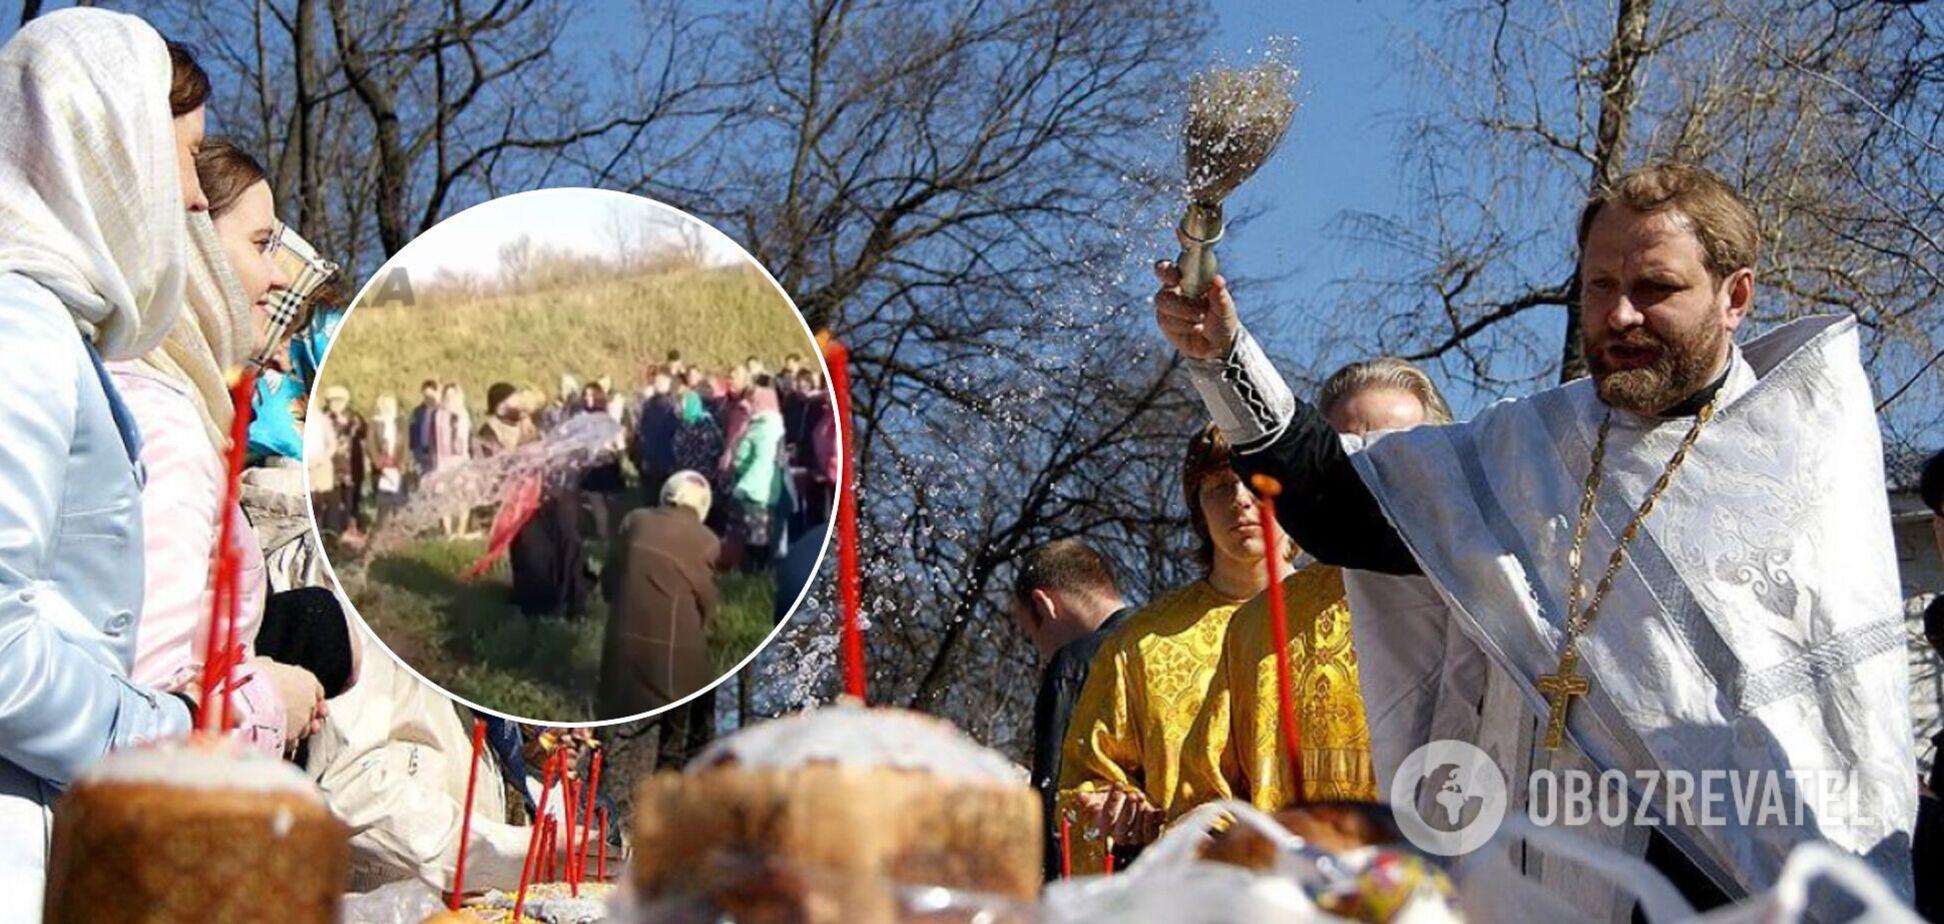 На Харківщині священник забув святу воду й 'окропив' людей із відра. Відео